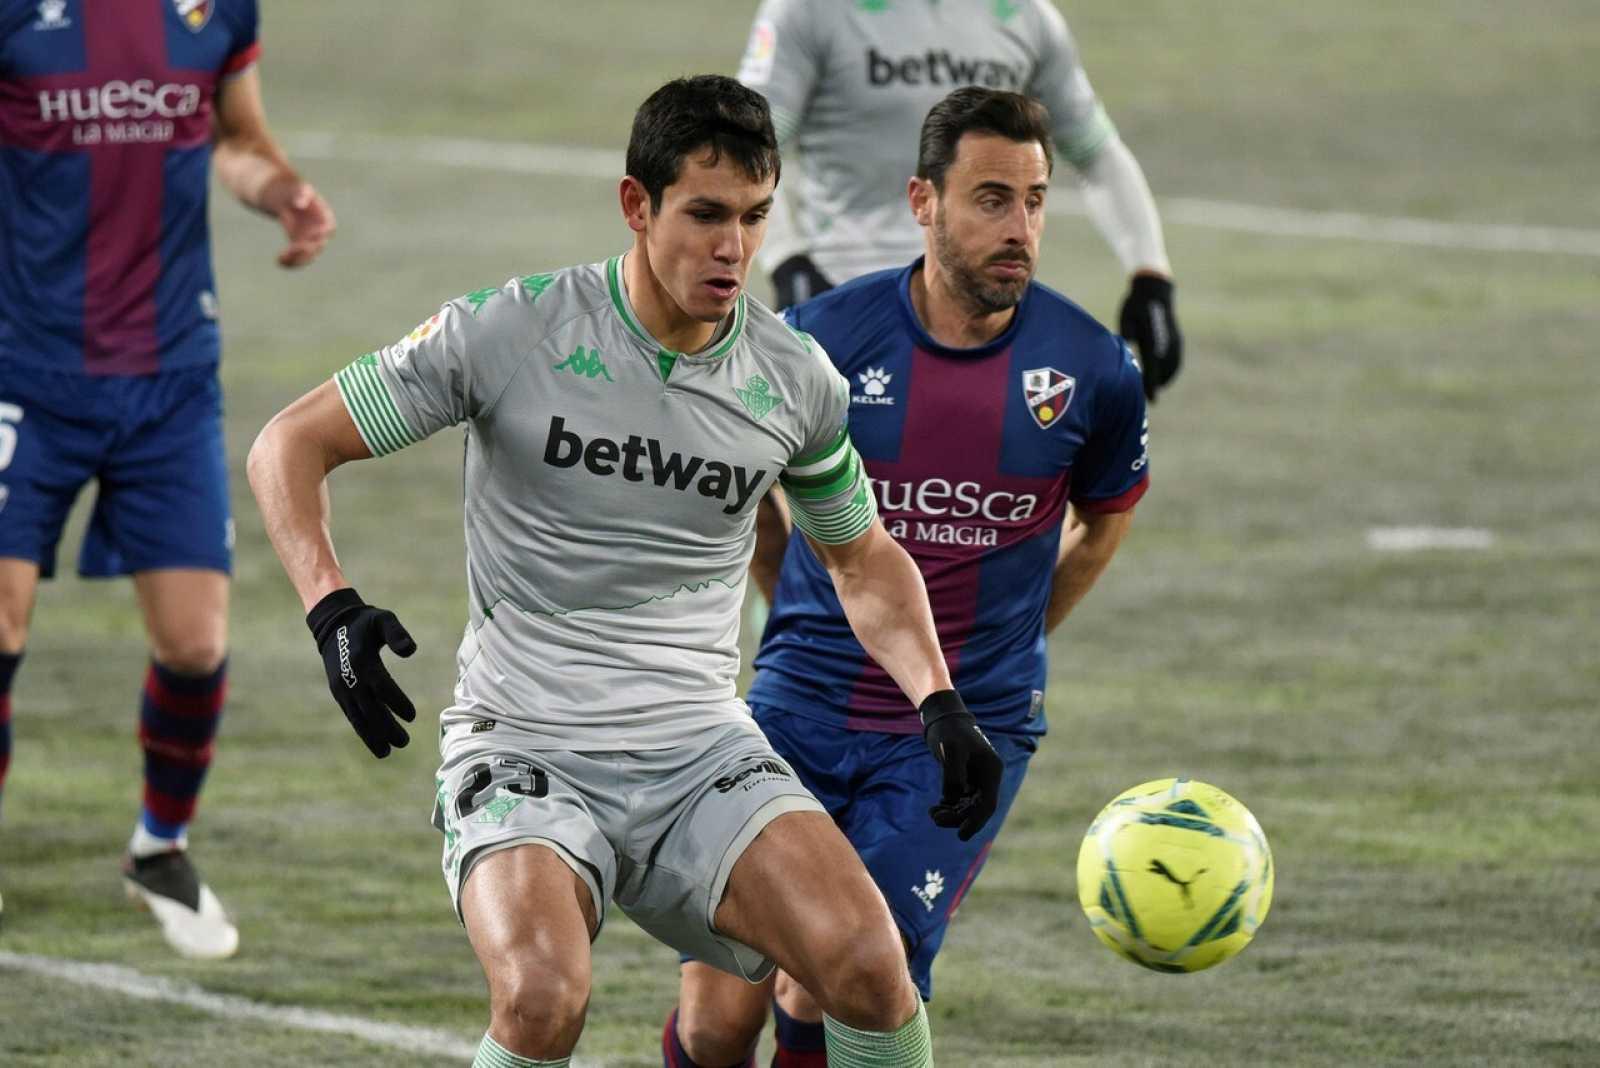 El Real Betis se descongela en Huesca